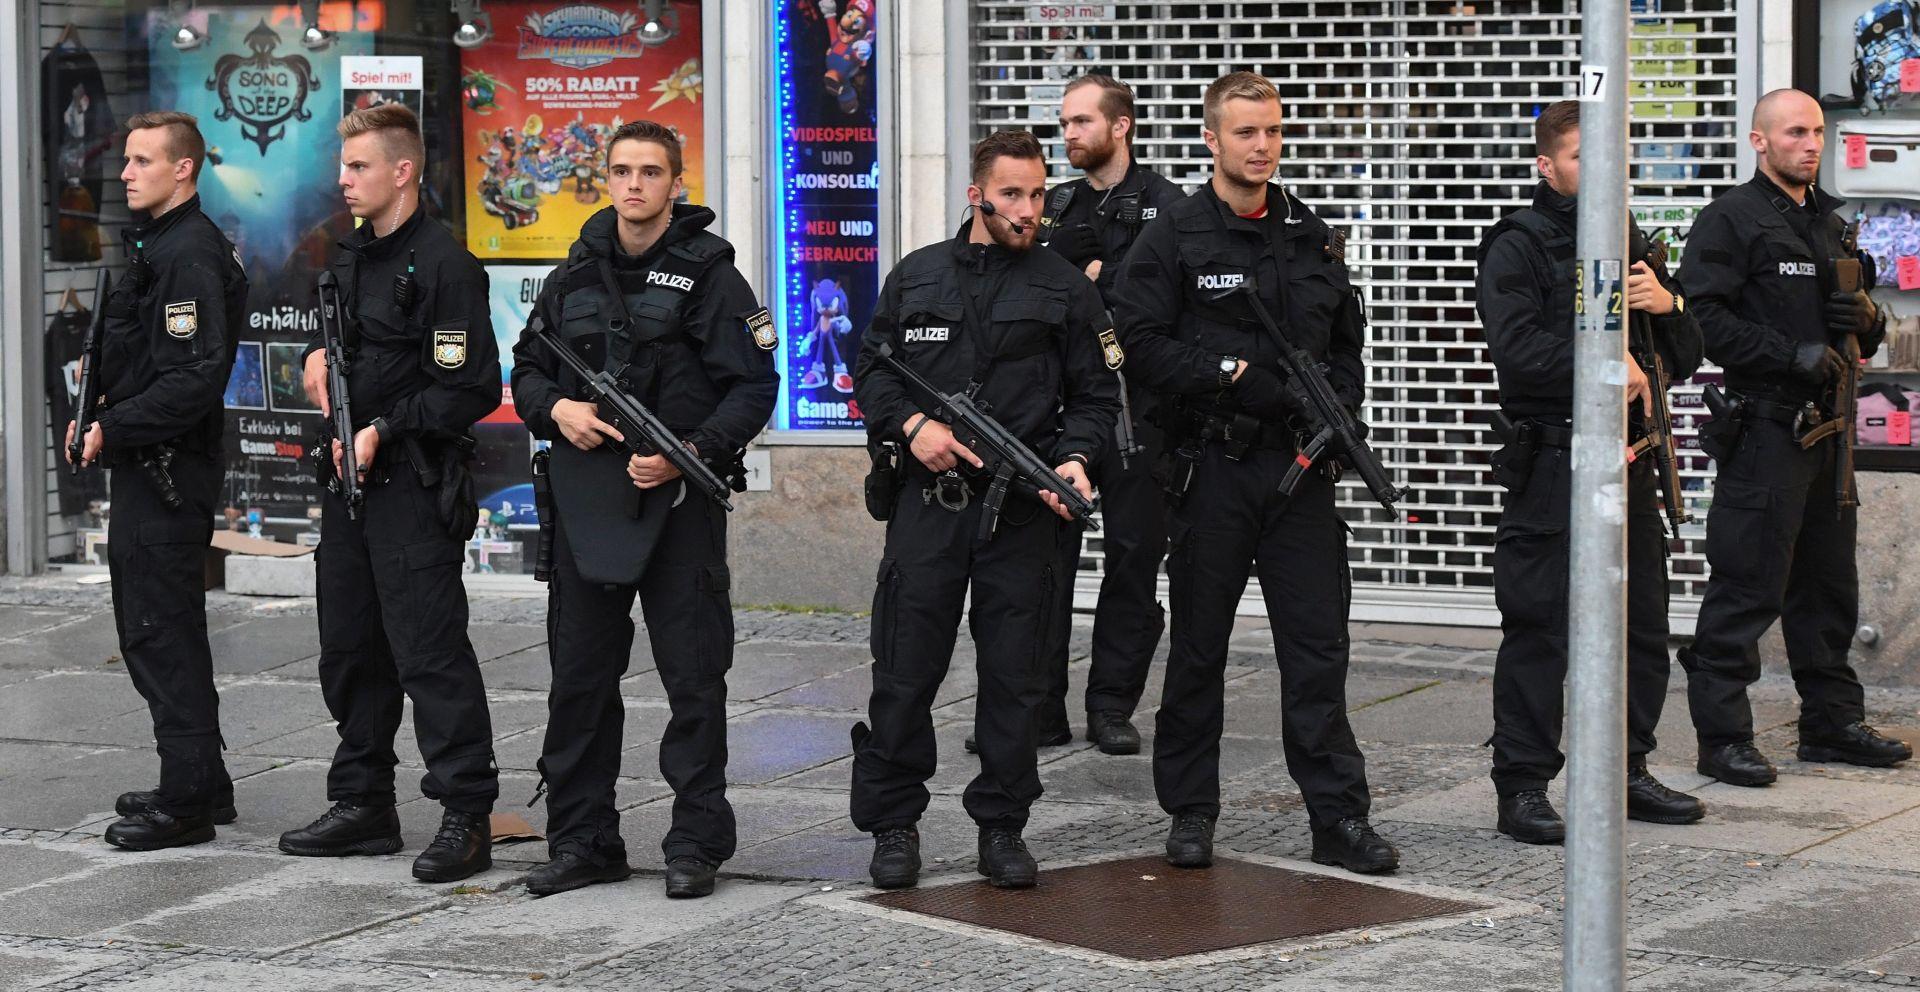 ZNAO ZA NAPAD? Policija uhitila 16-godišnjeg prijatelja ubojice iz Münchena